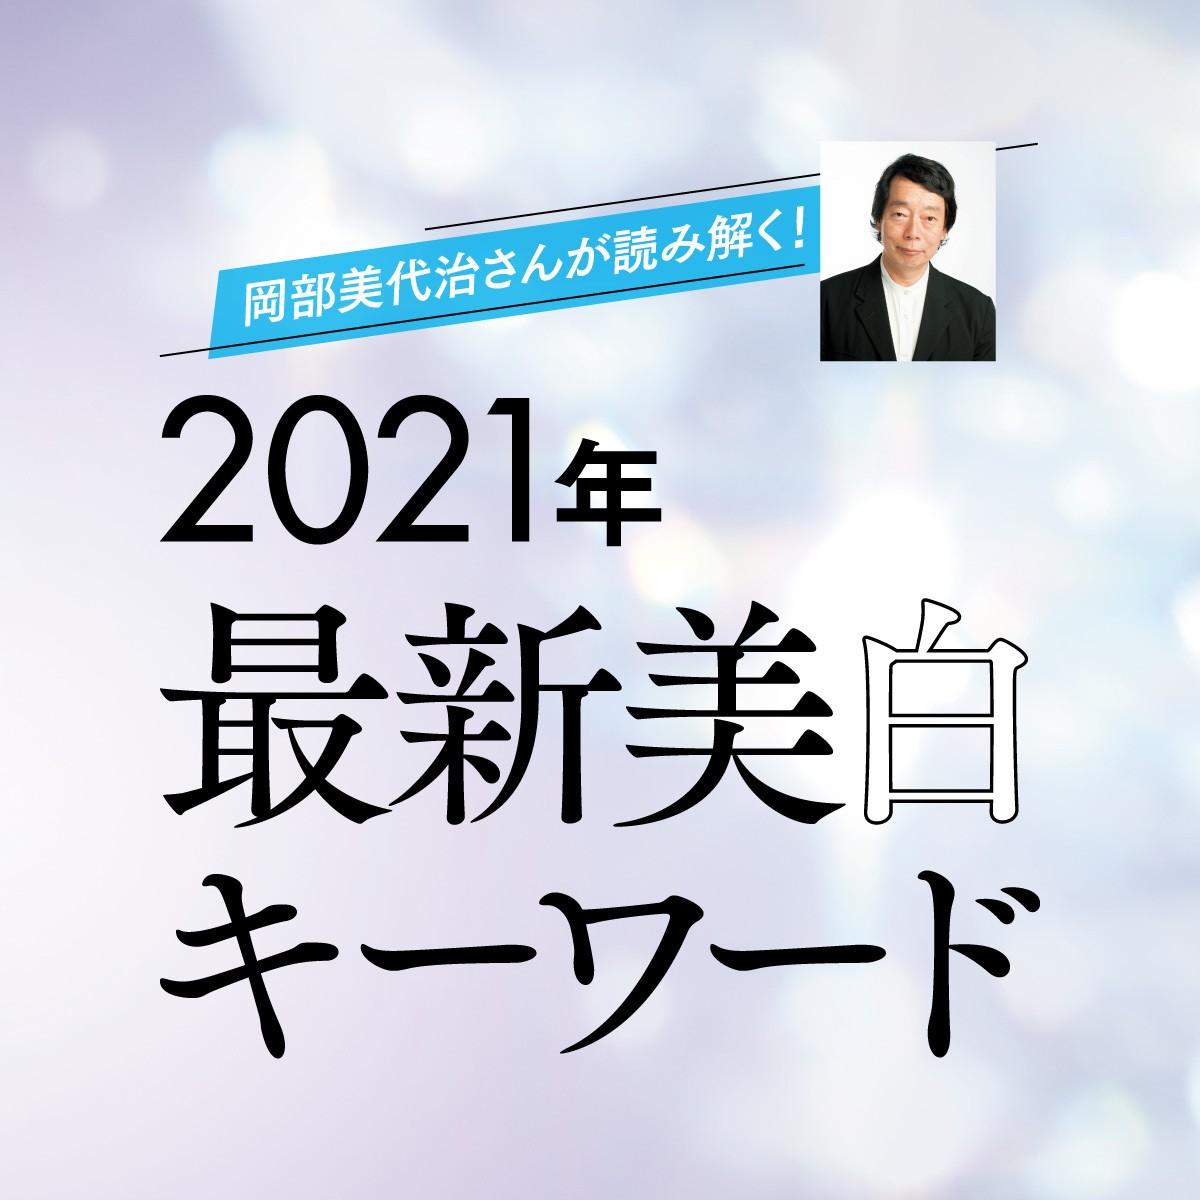 岡部美代治さんが読み解く! 2021年最新美白キーワード_1